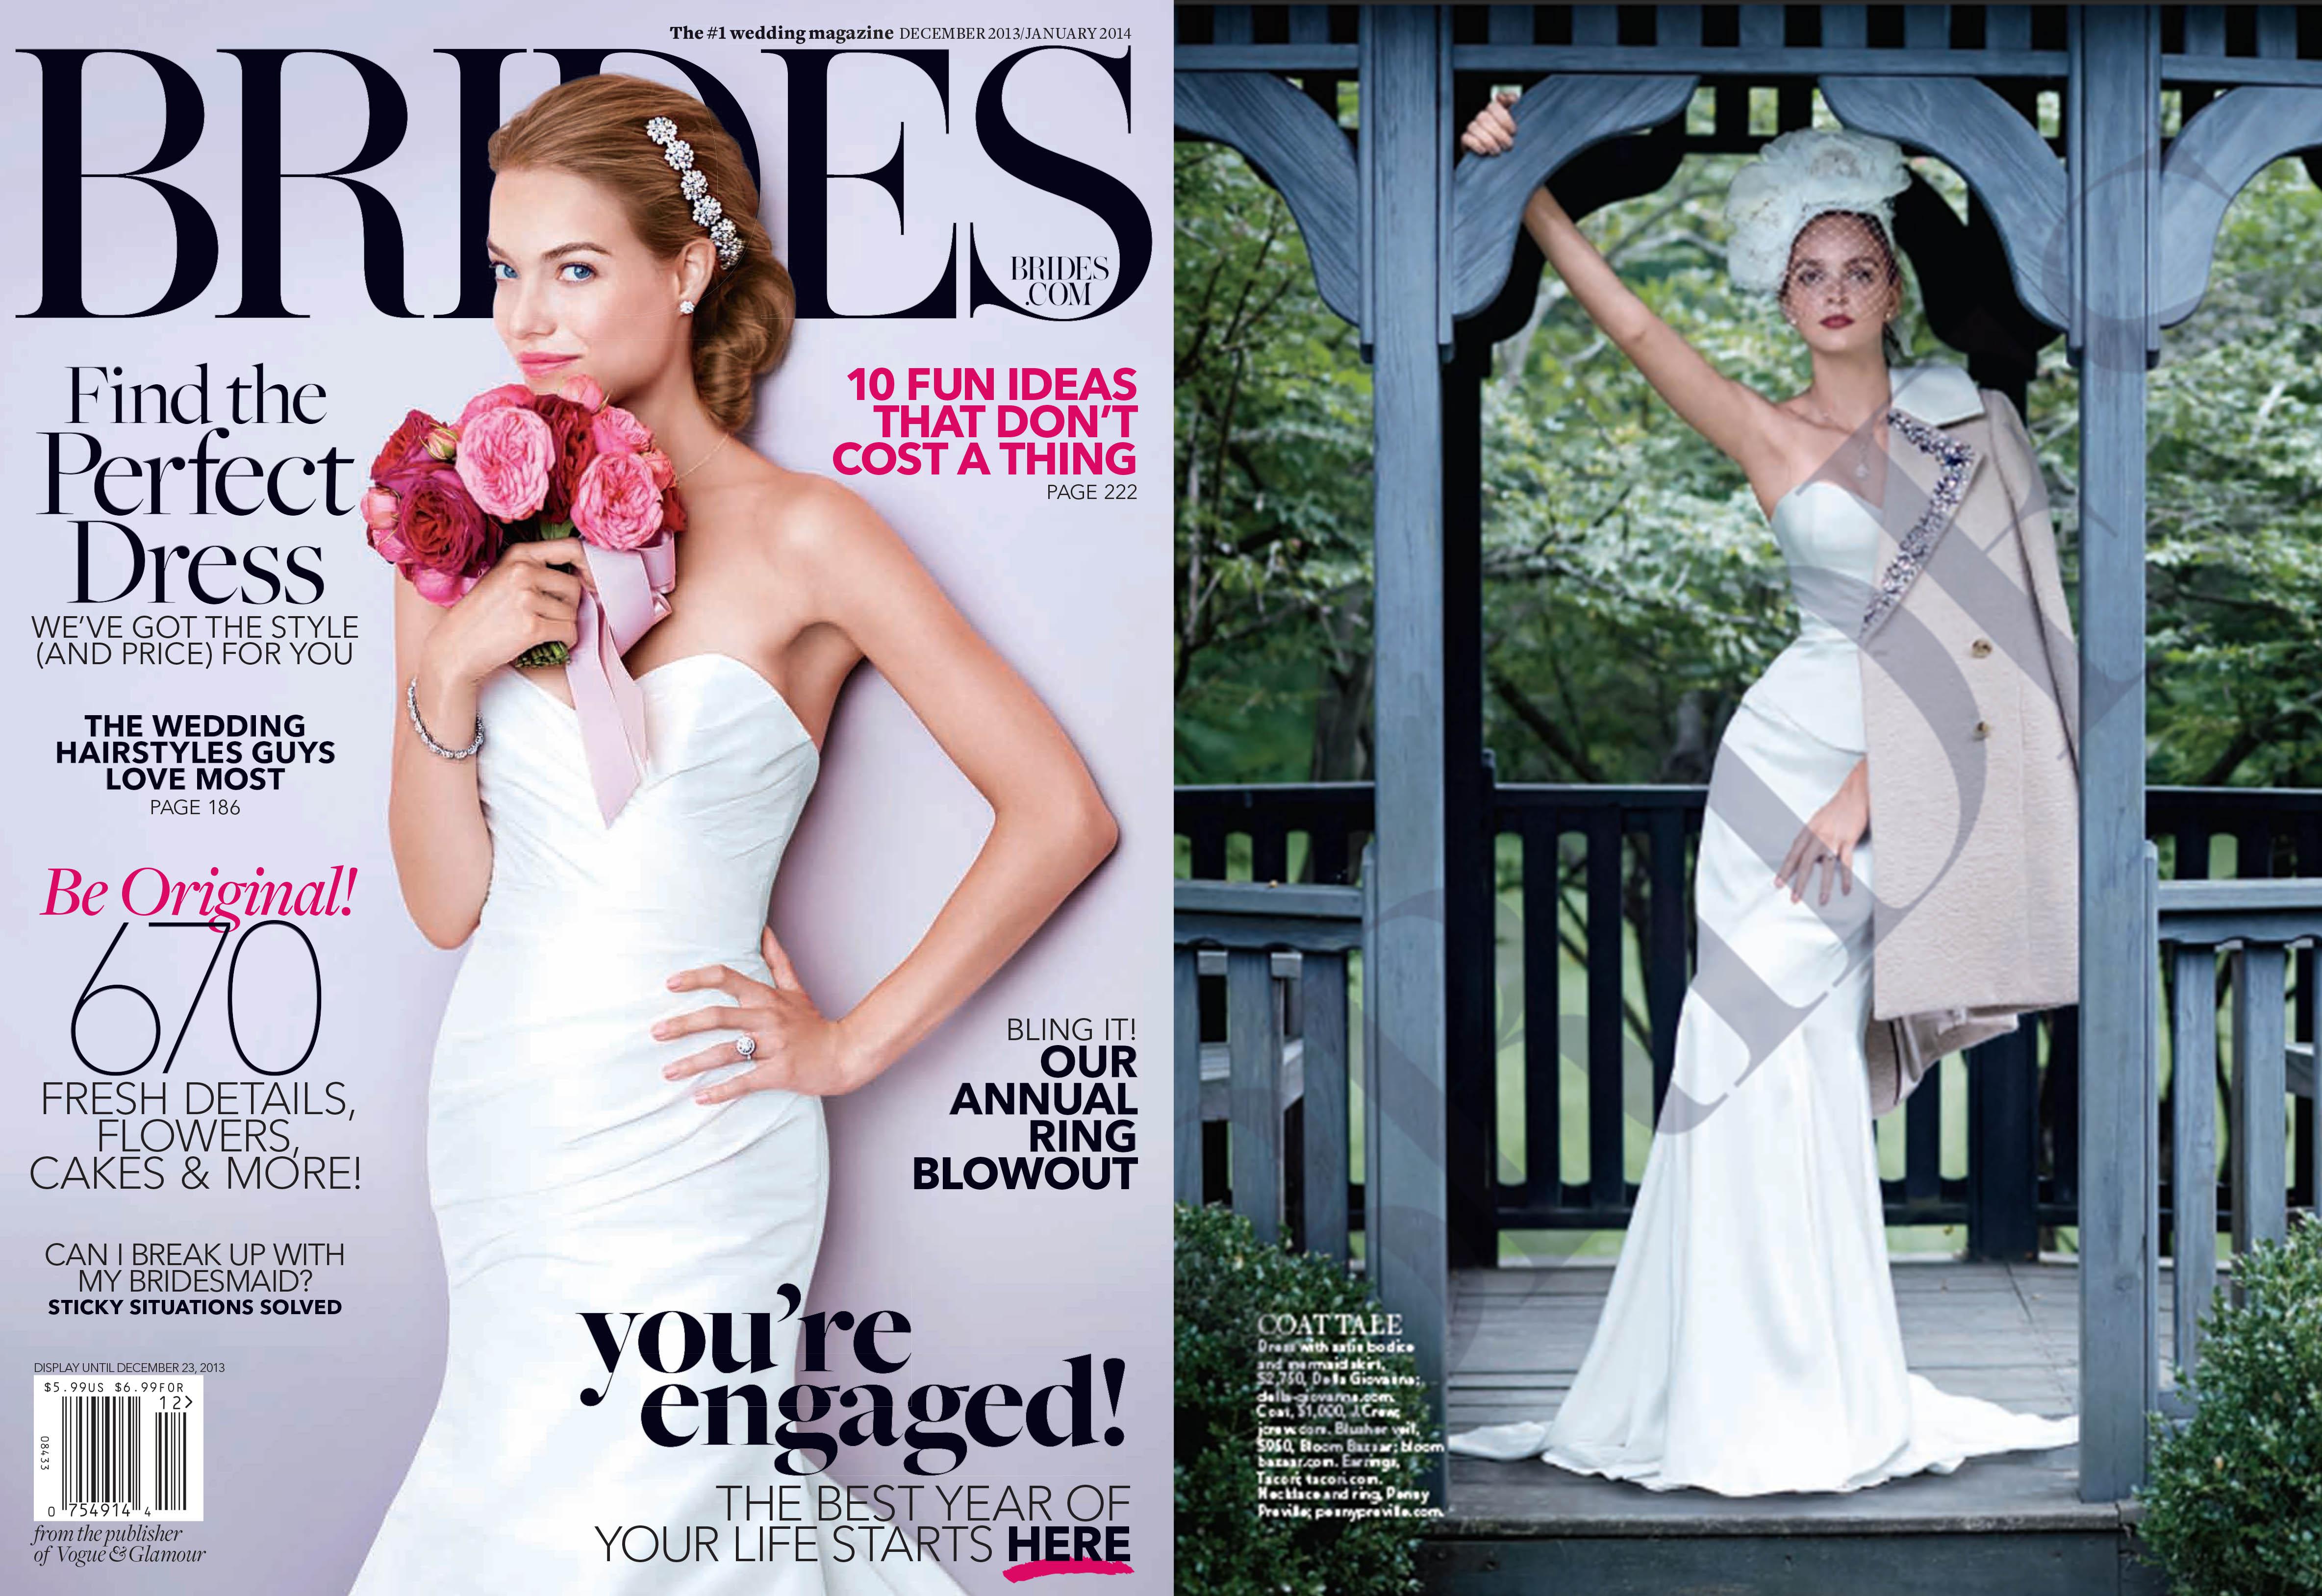 Brides featured Della Giovanna dress. November 2013